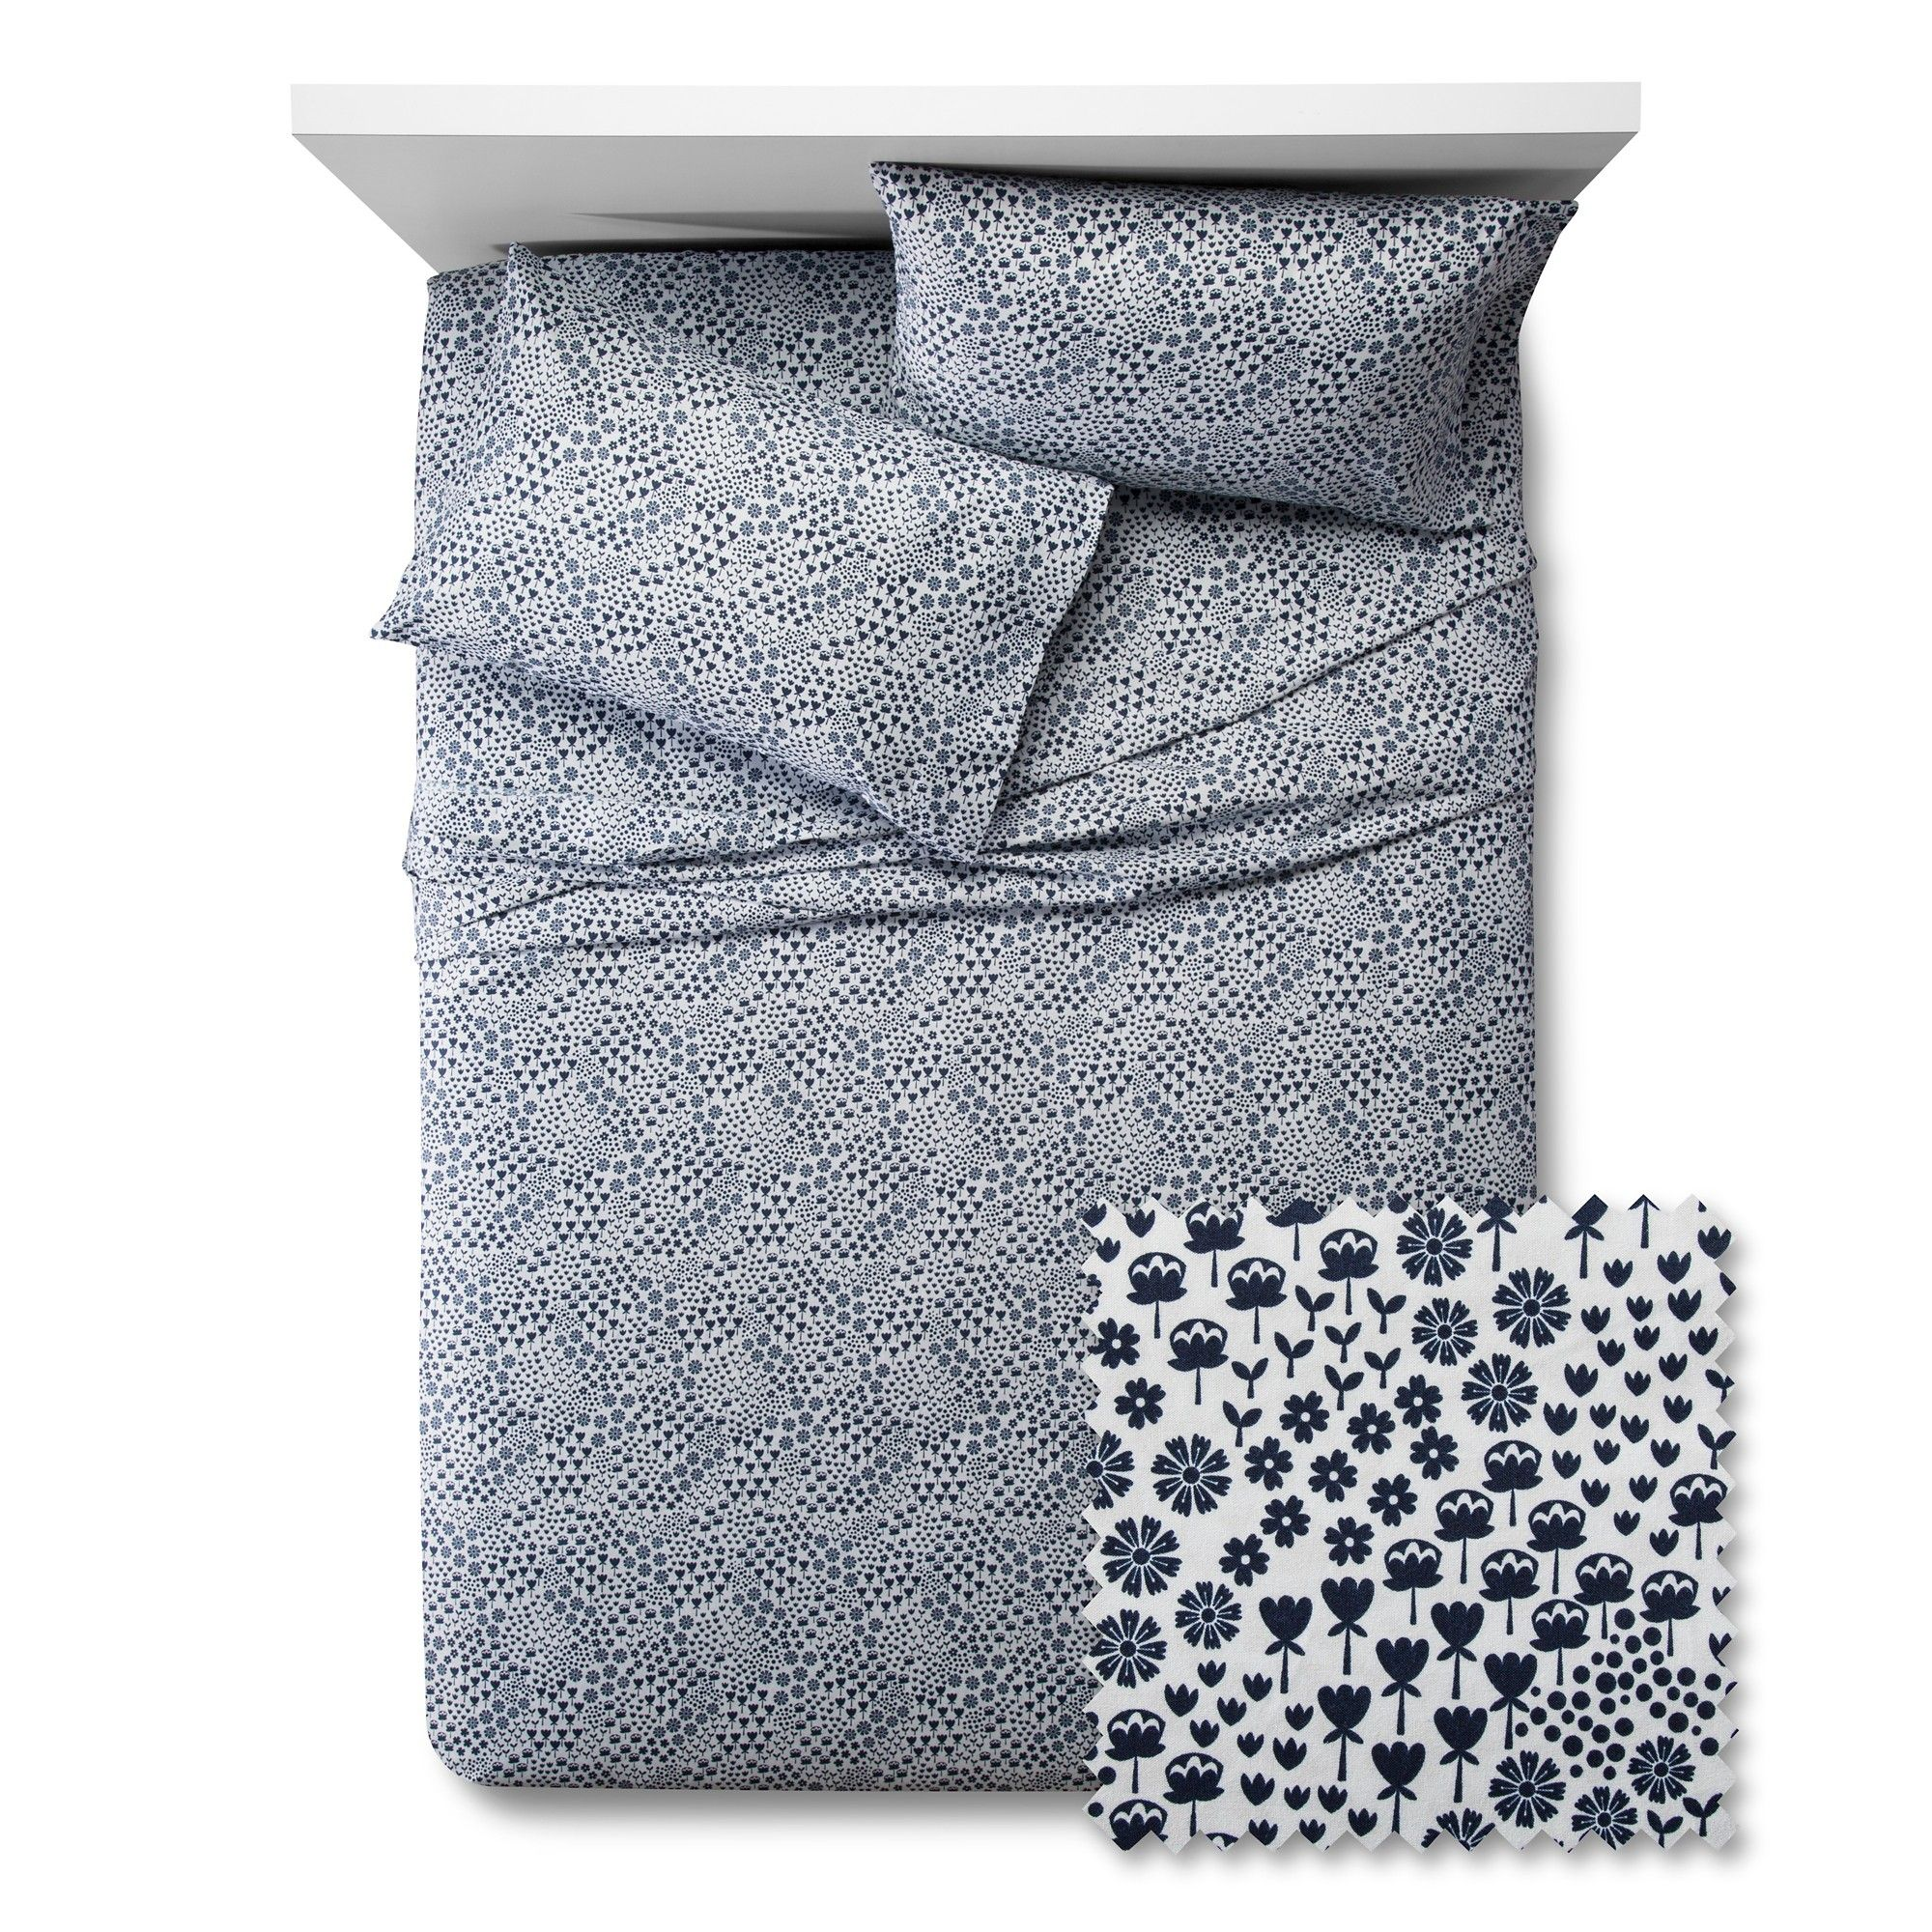 Fetching Florals Sheet Set - Pillowfort, Blue Overalls